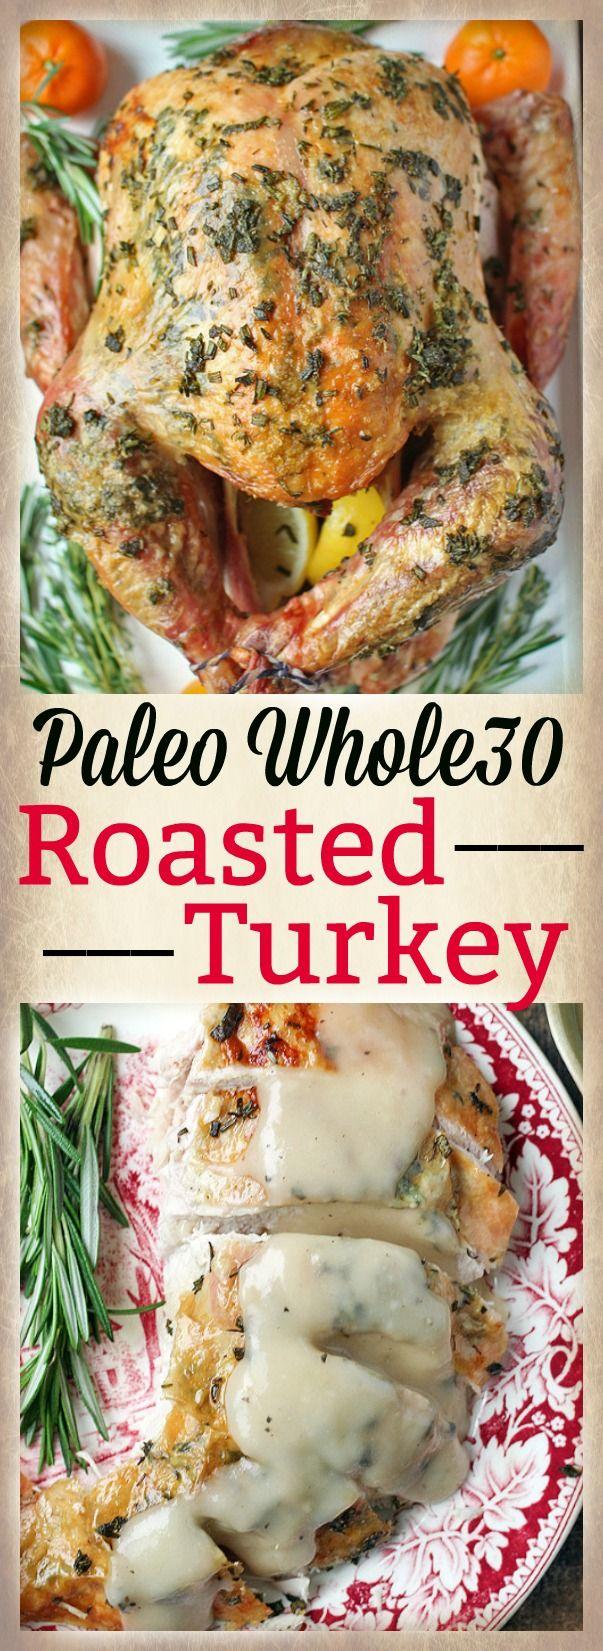 Photo of Paleo Whole30 Roasted Turkey